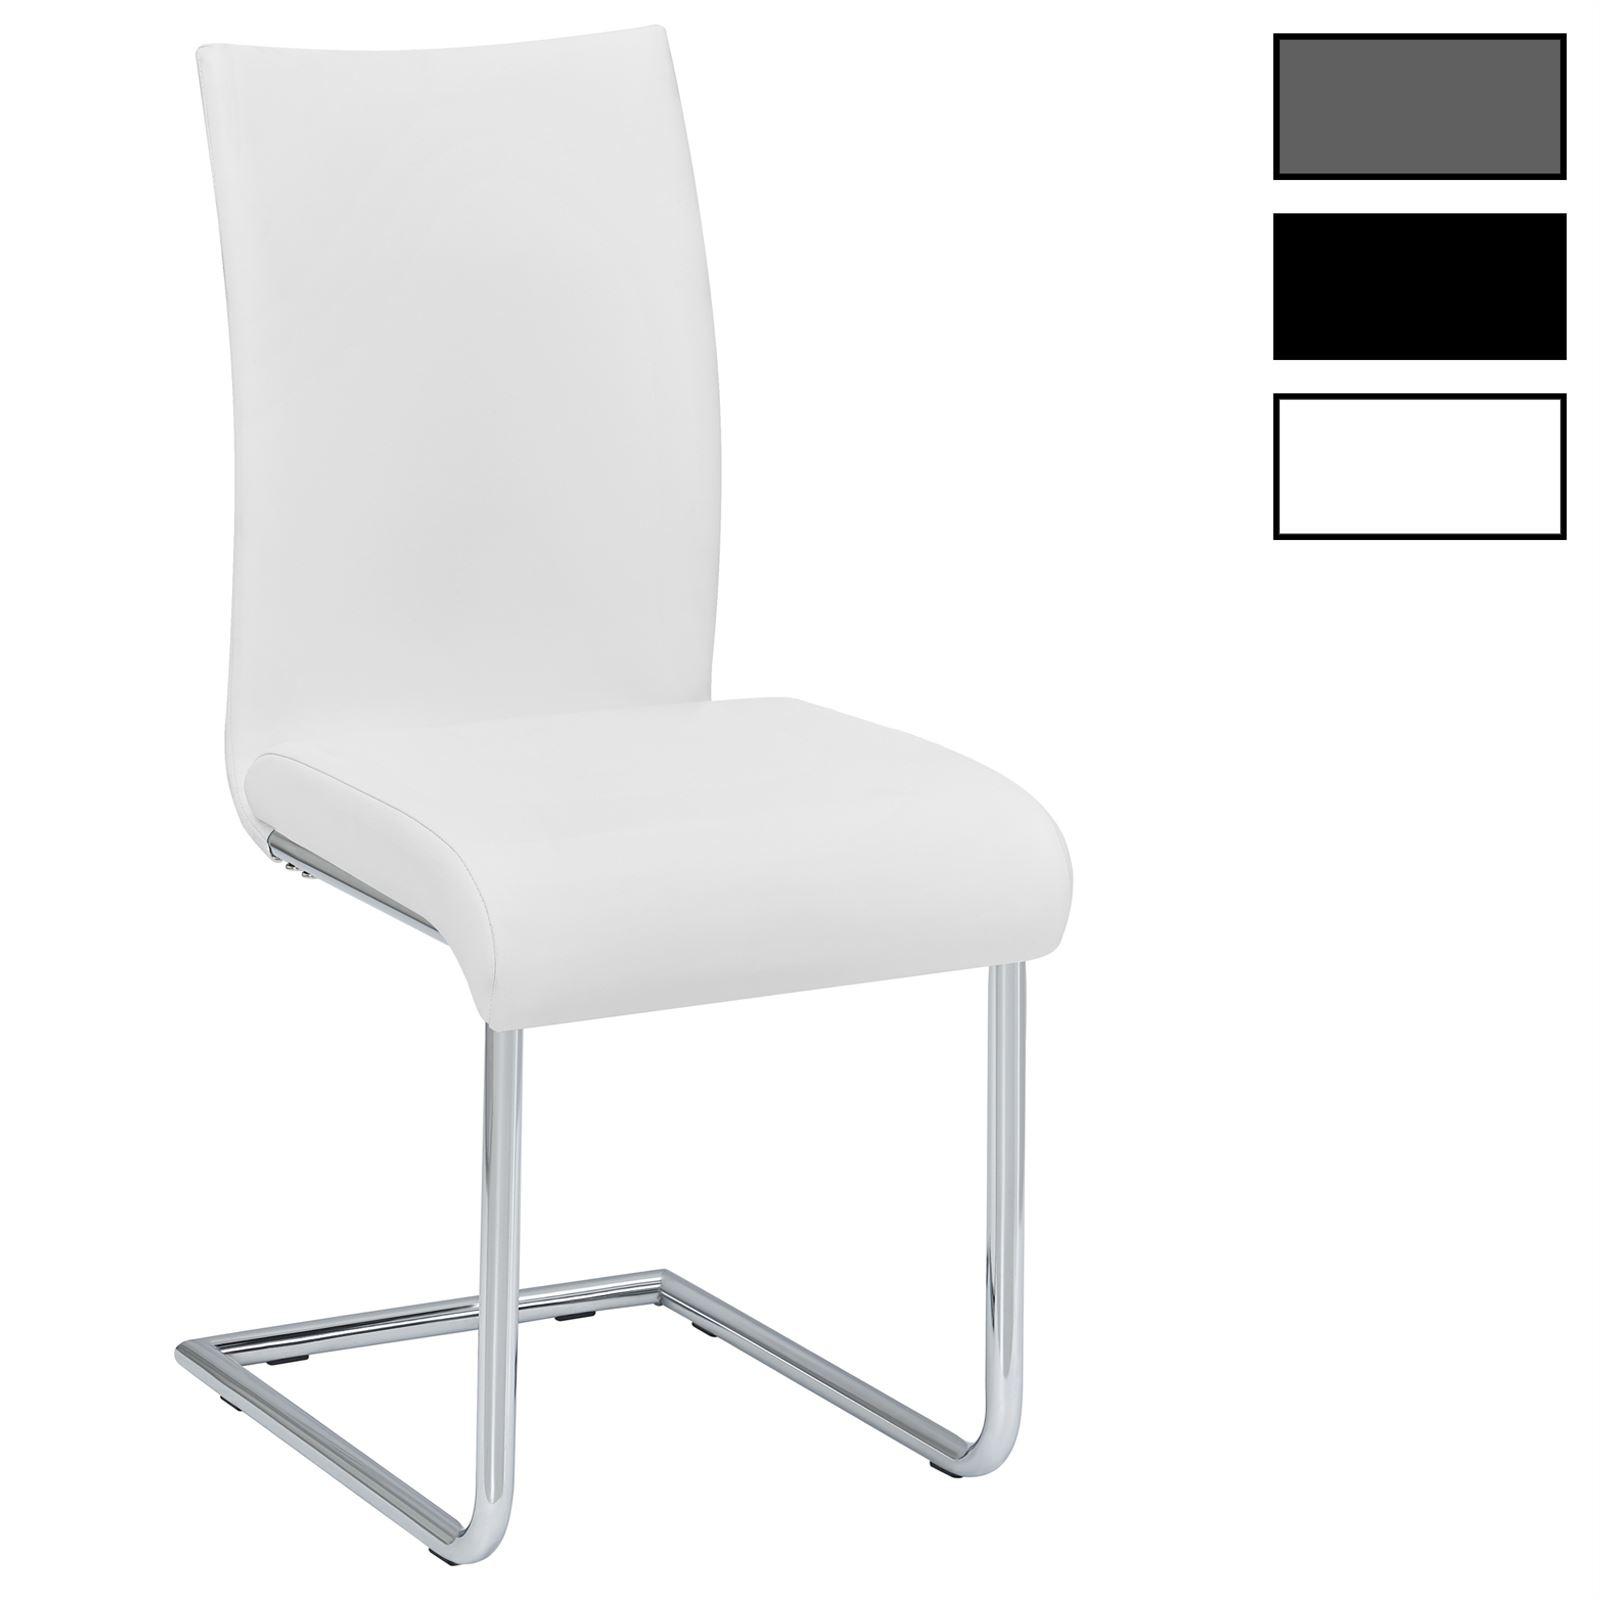 schwingstuhl aladino 4er set farbauswahl mobilia24. Black Bedroom Furniture Sets. Home Design Ideas